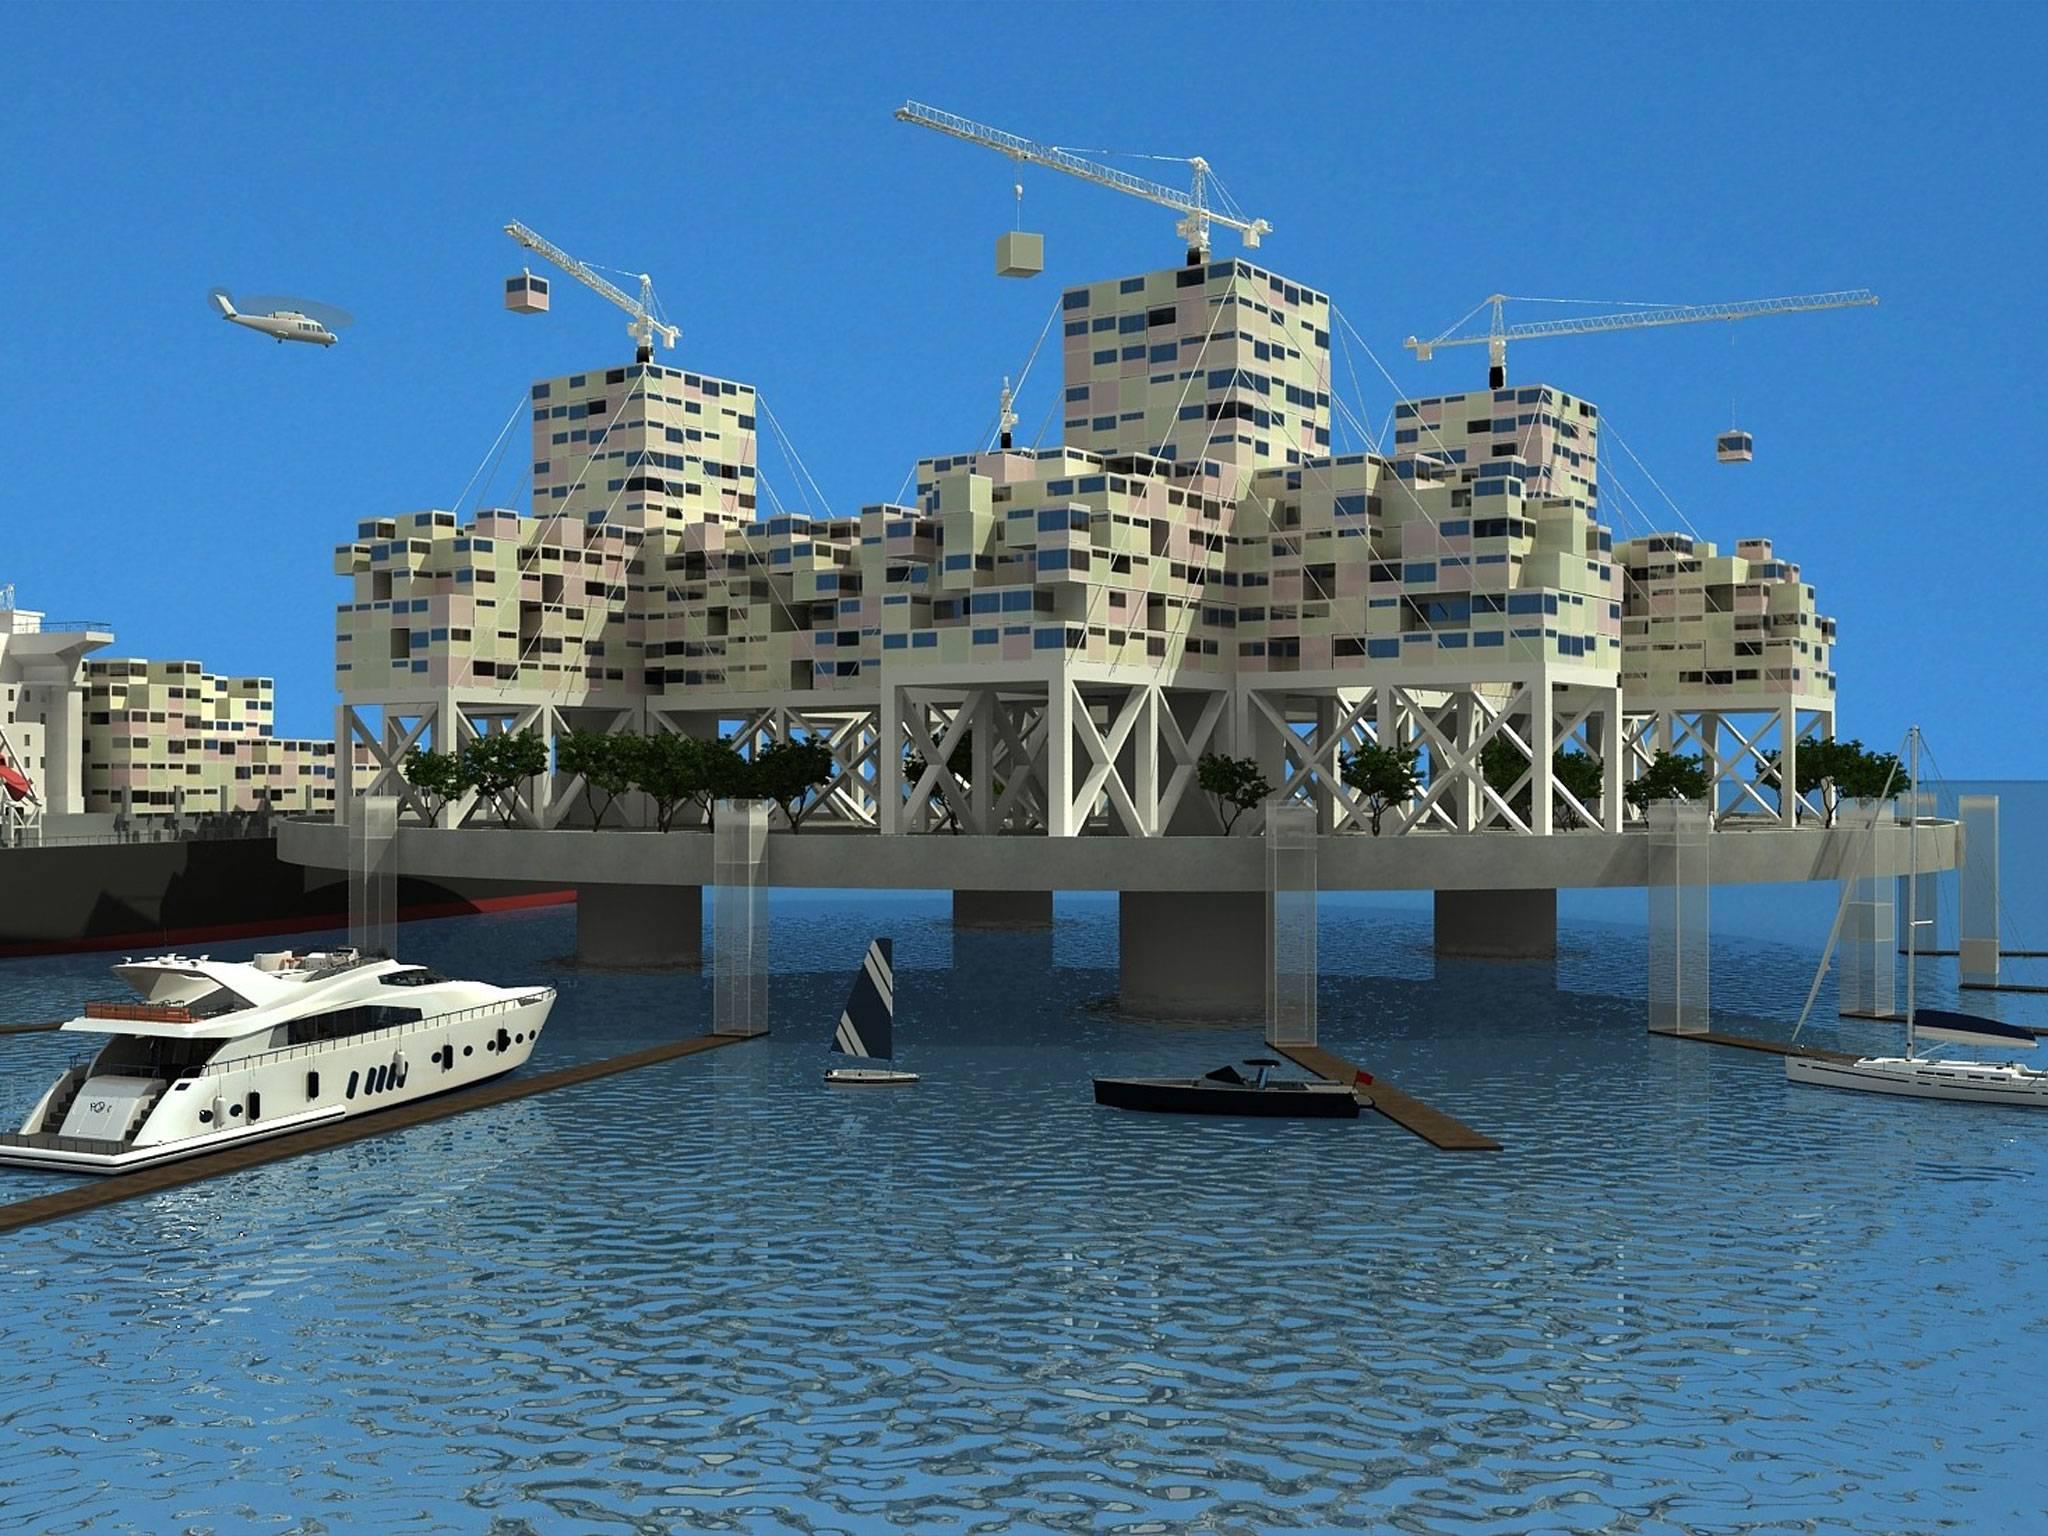 Ciudad flotante5